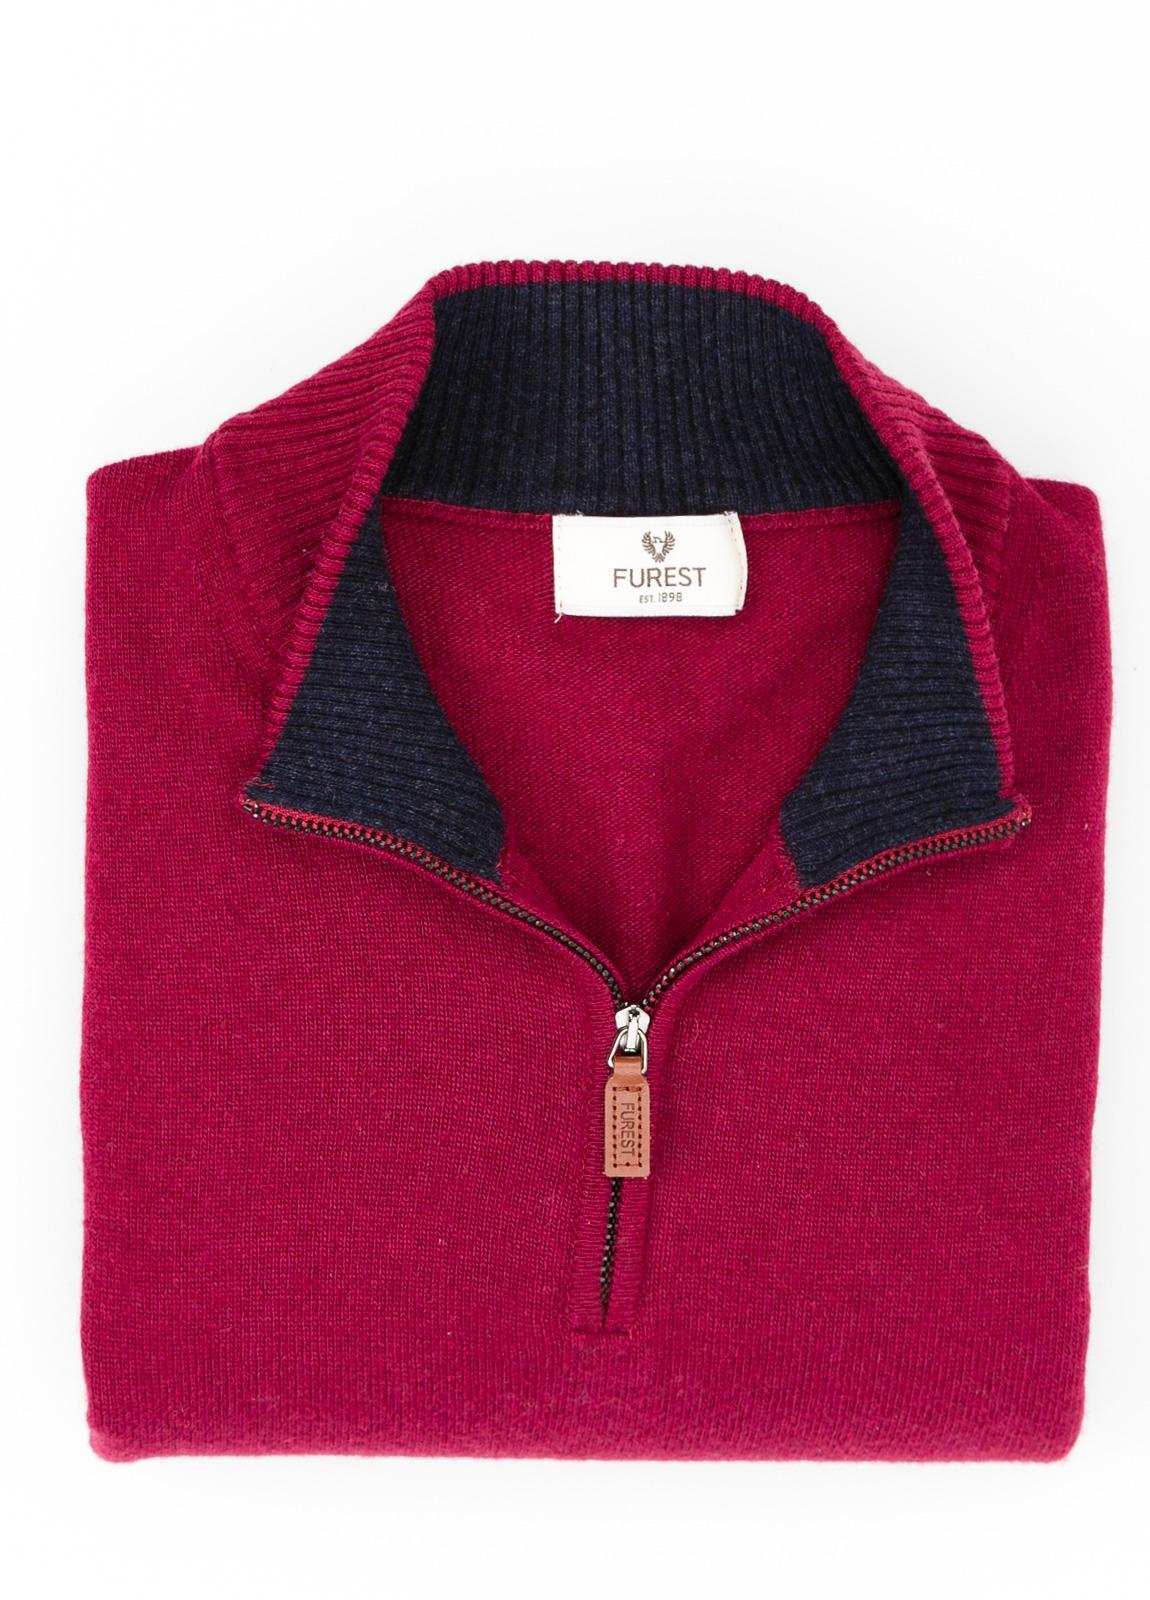 Jersey liso cuello cremallera, color granate, 40% lana merino, 30% viscosa, 10% cachemire - Ítem1